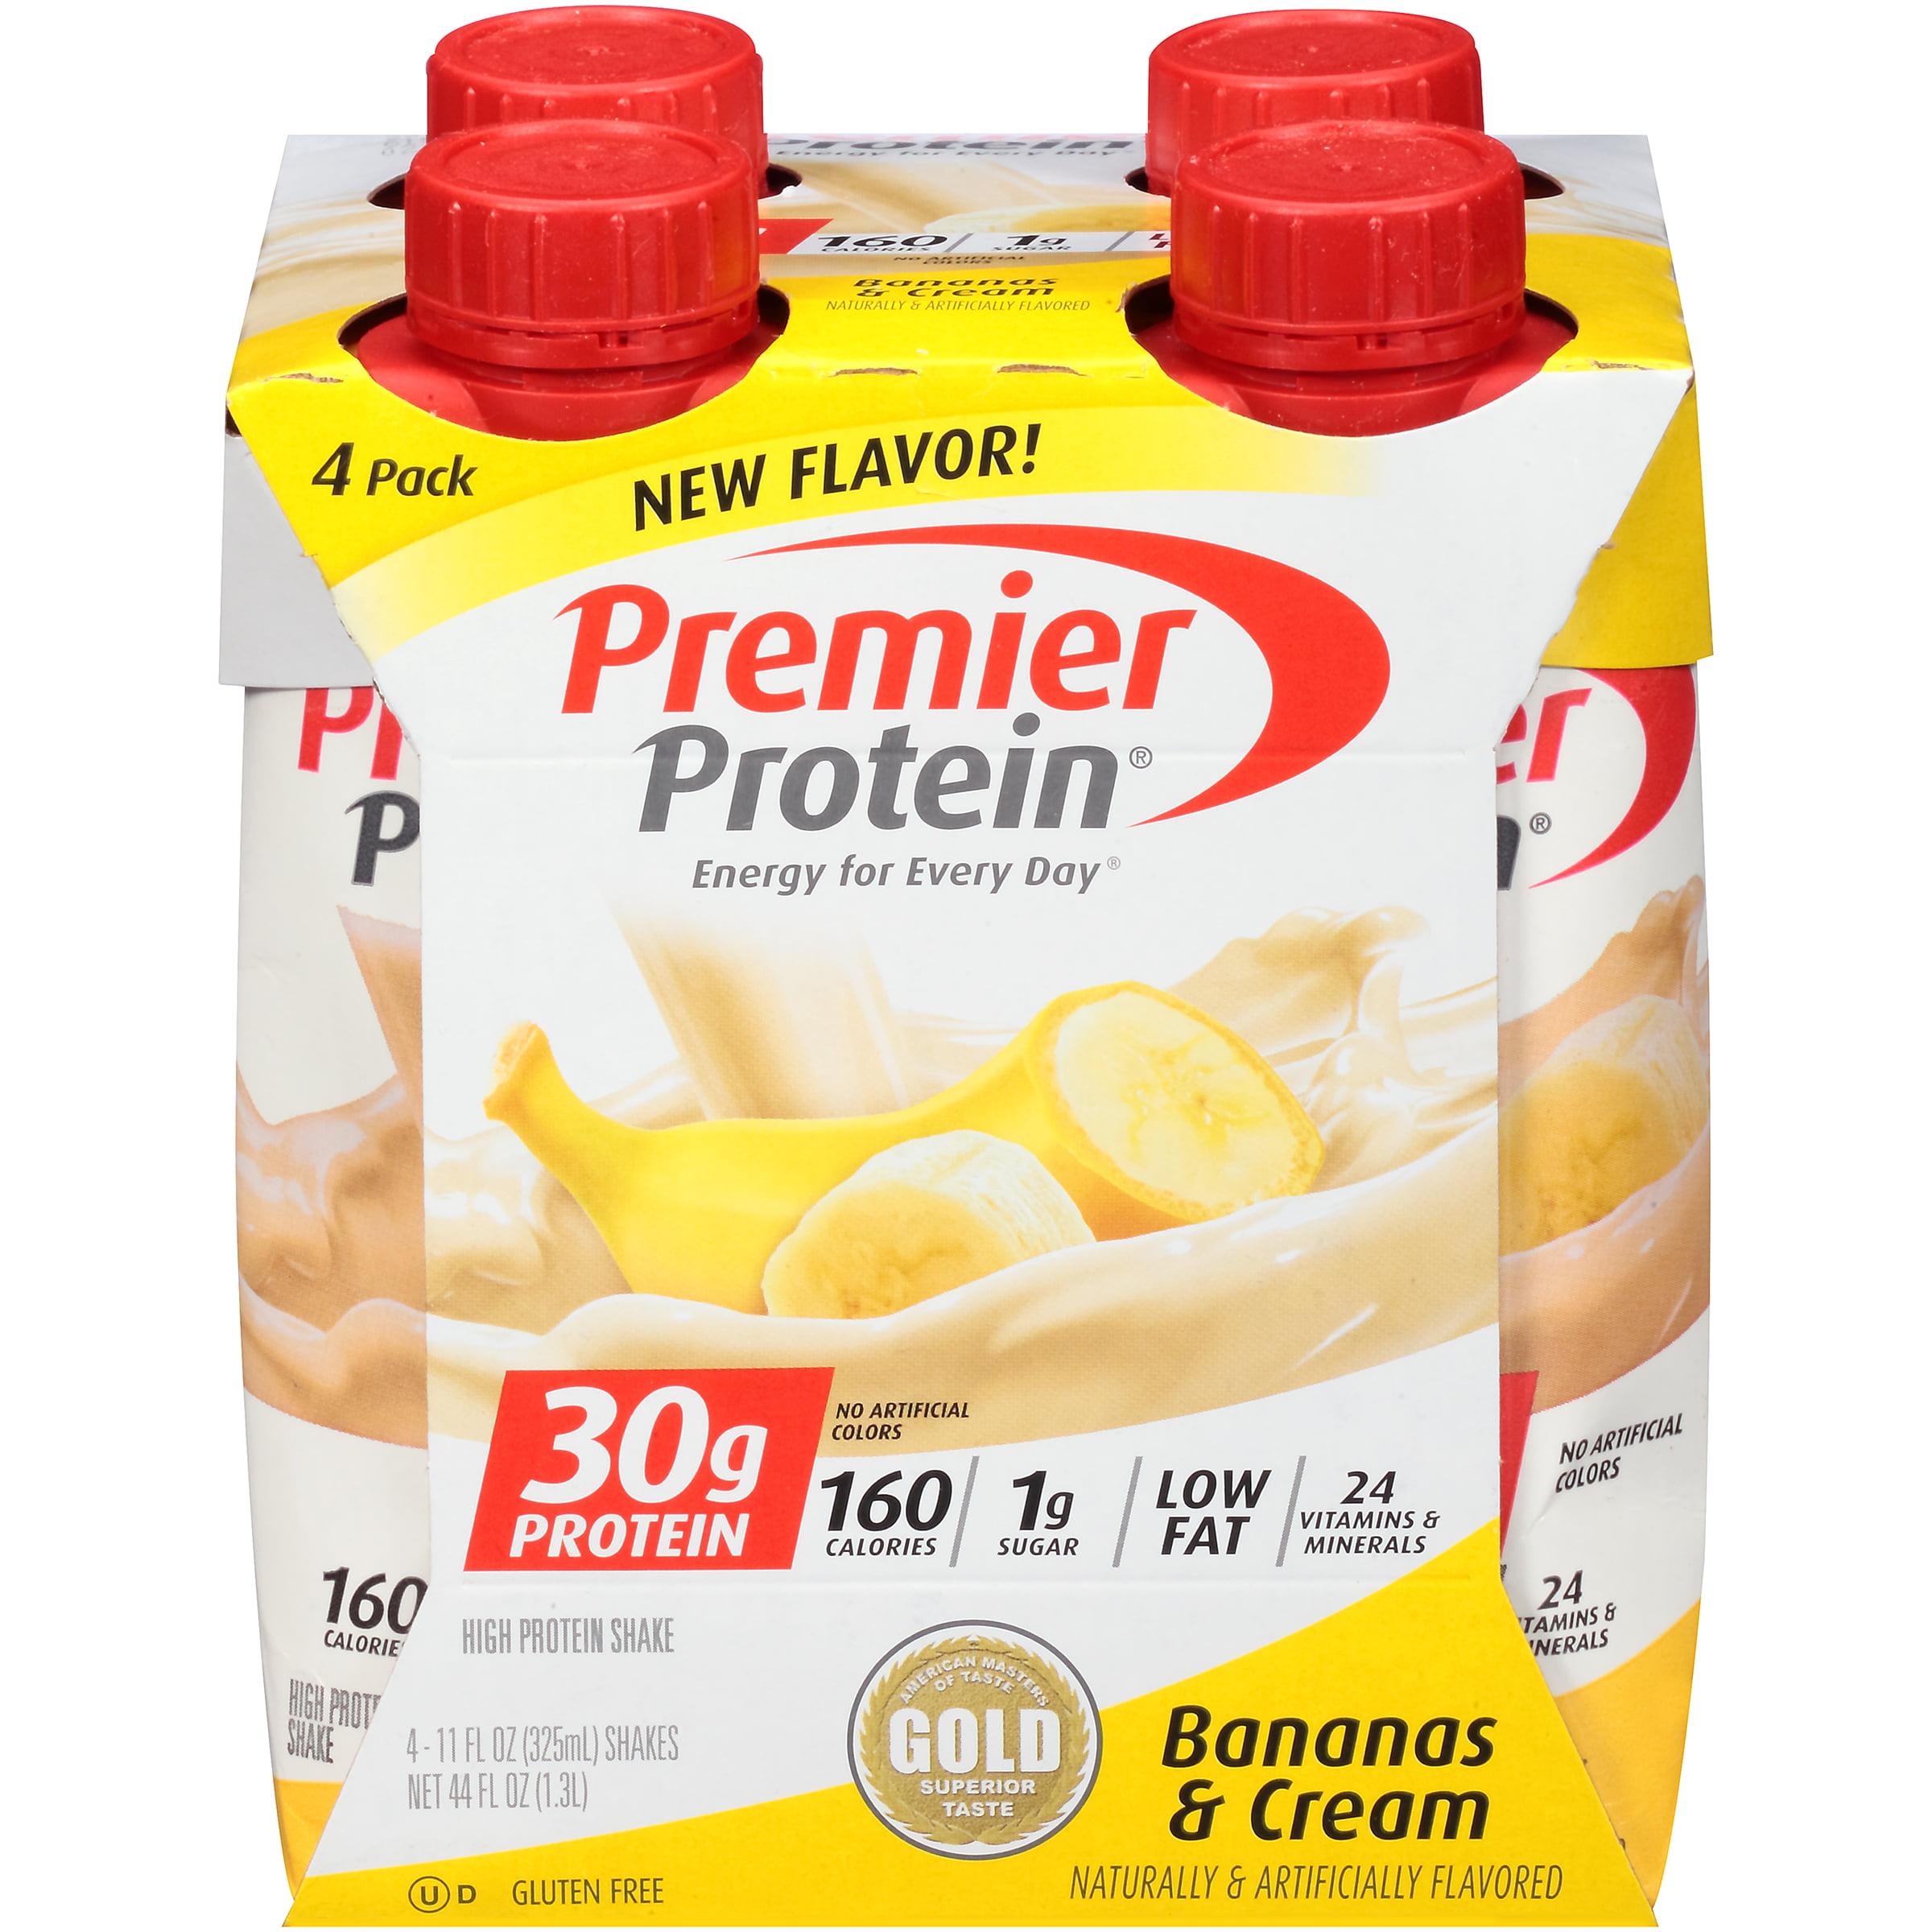 Premier Protein Shake, Bananas & Cream, 30g Protein, 4 Ct